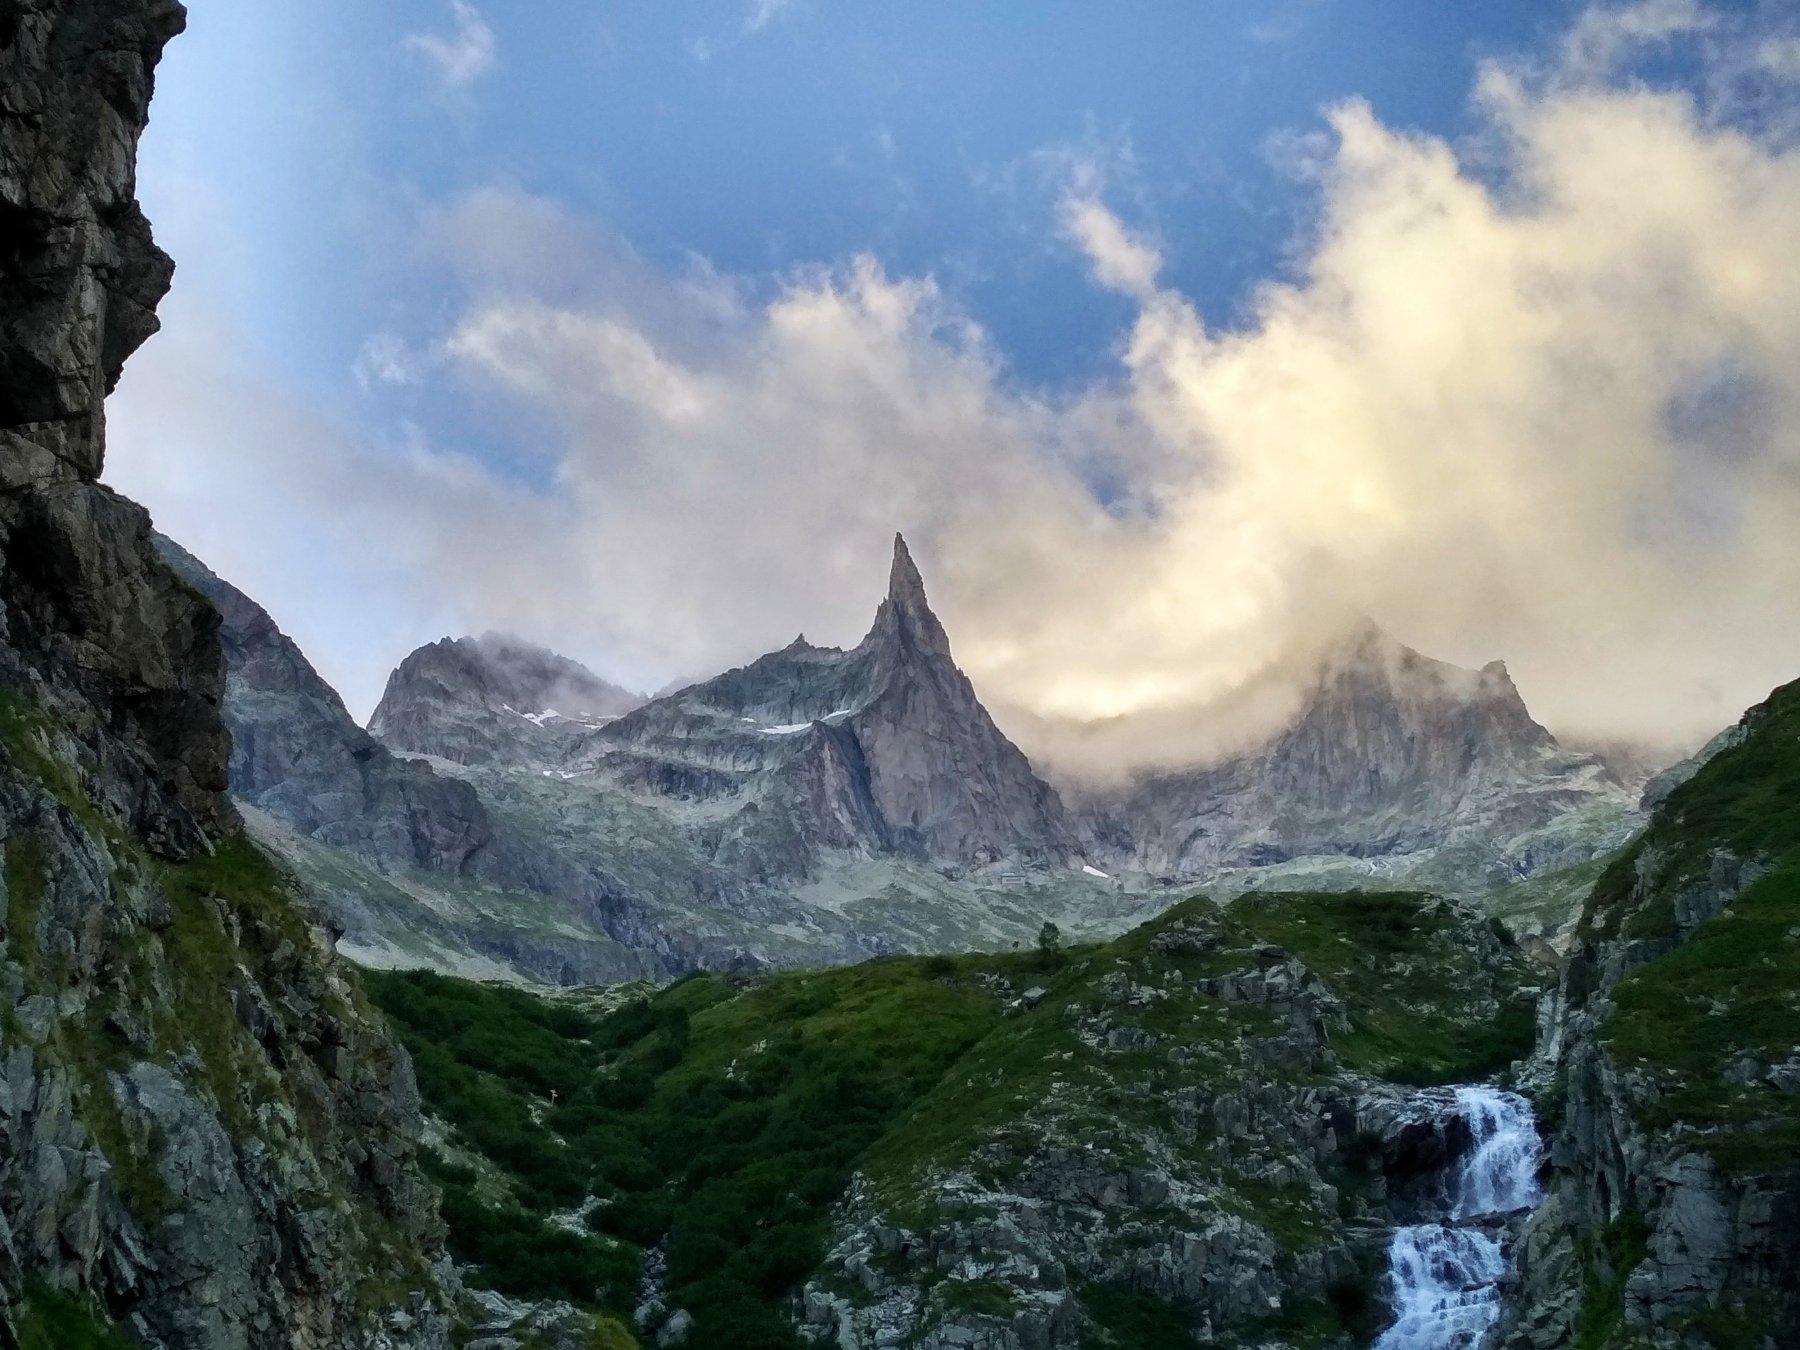 La Dibona, dal sentiero verso il rifugio.